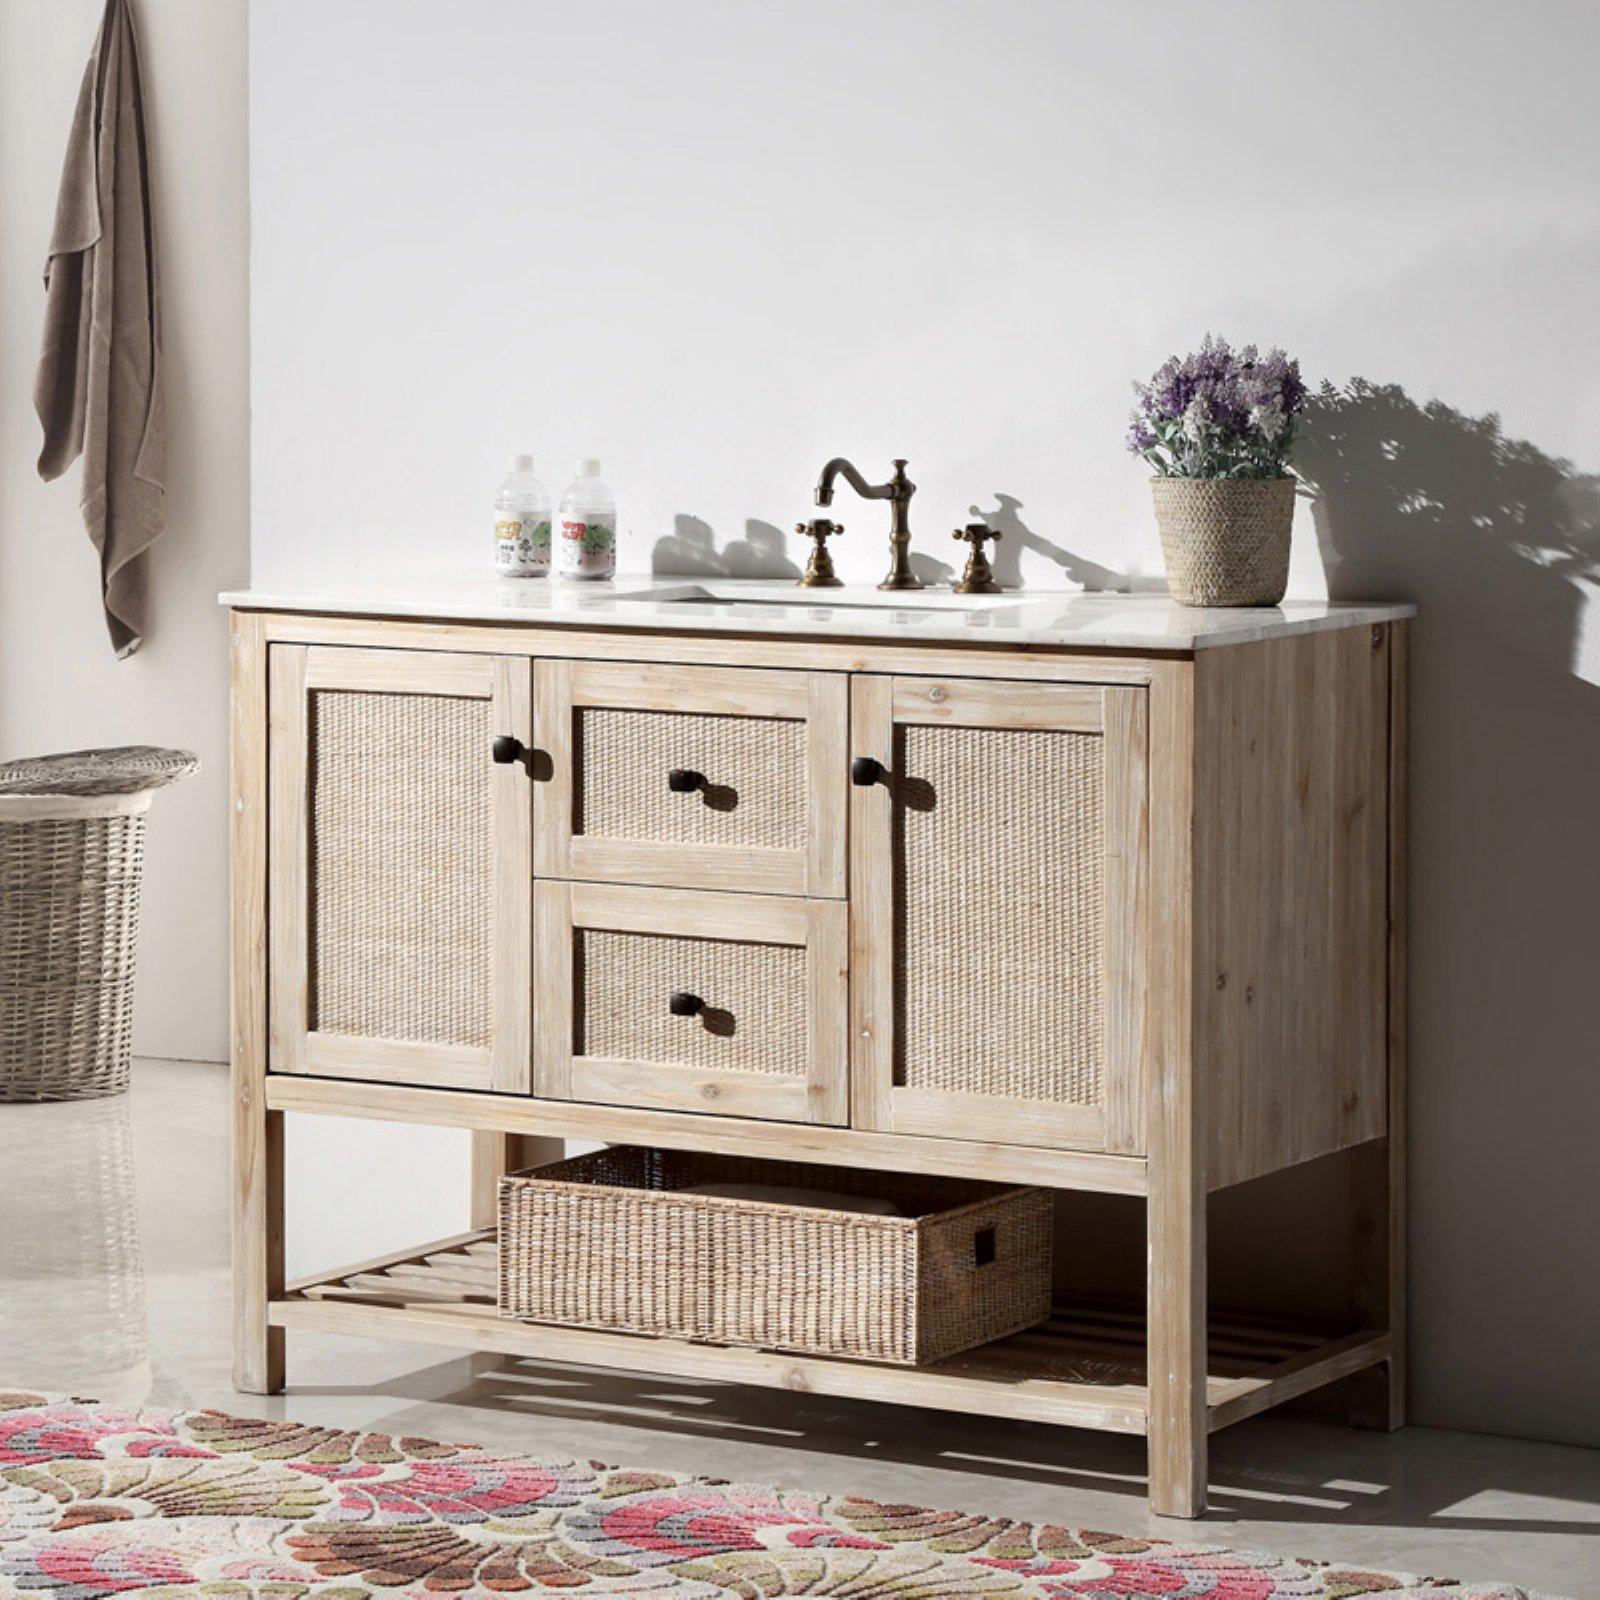 Legion Furniture WH5148 48 in. Single Bathroom Vanity